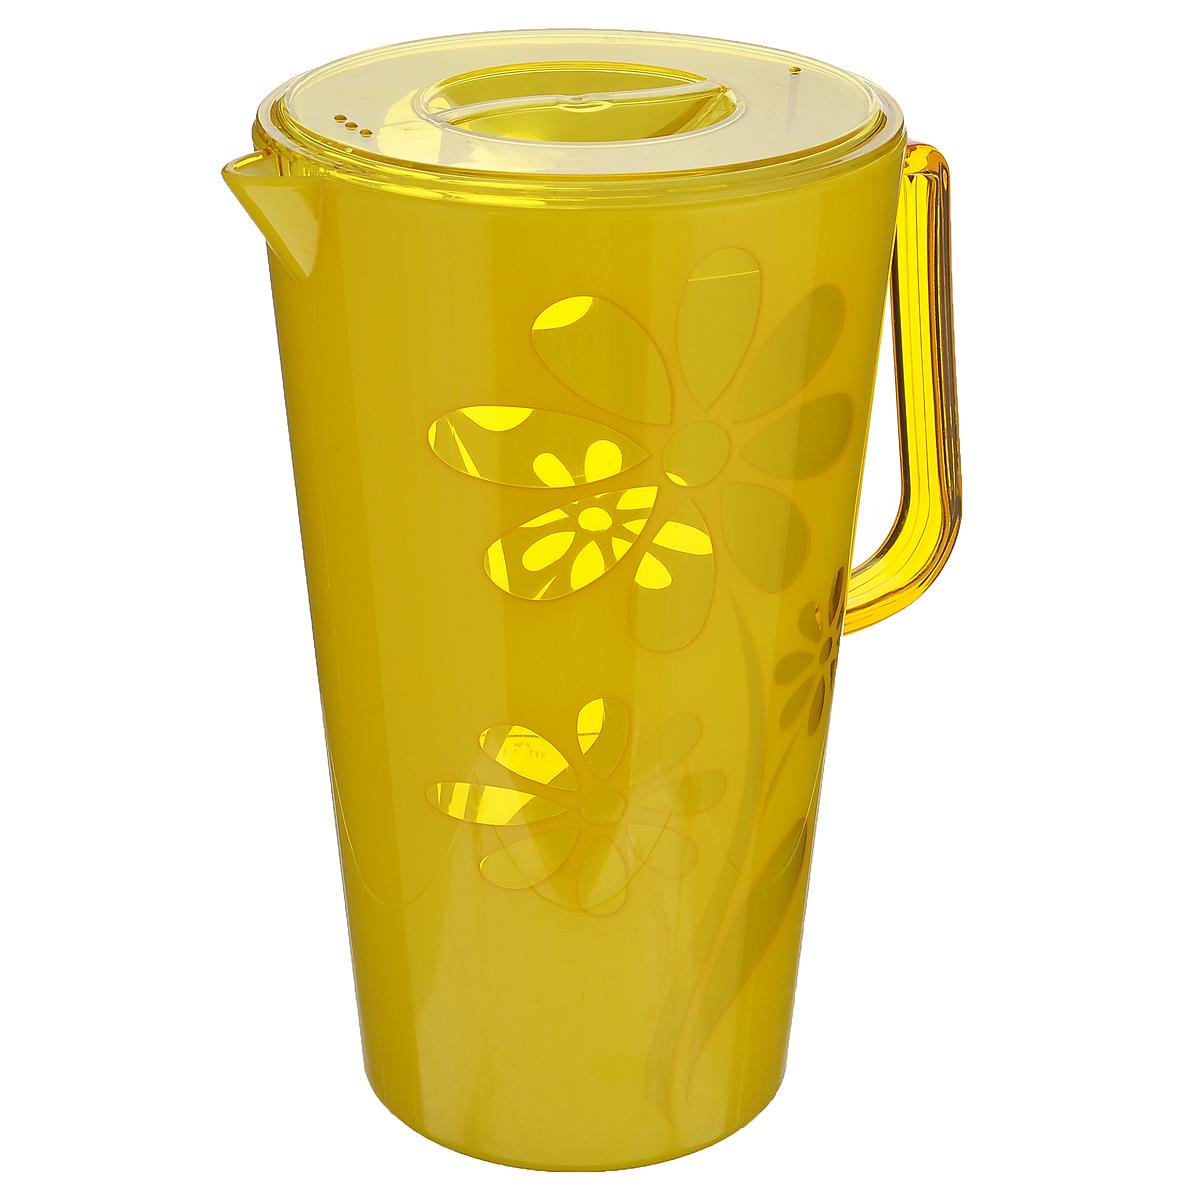 Кувшин Альтернатива Соблазн, с крышкой, цвет: желтый, 2,5 лM2303Кувшин Альтернатива Соблазн, выполненный из высококачественного пластика и декорированный ярким цветочным рисунком, элегантно украсит ваш стол. Кувшин оснащен удобной ручкой и плотно закрывающейся пластиковой крышкой. Изделие имеет носик для выливания жидкости. Подойдет для подачи воды, сока, компота и других напитков. Кувшин Альтернатива Соблазн дополнит интерьер вашей кухни и станет замечательным подарком к любому празднику. Объем: 2,5 л. Диаметр (по верхнему краю): 14,5 см.Диаметр основания: 10,5 см.Высота кувшина: 24 см.